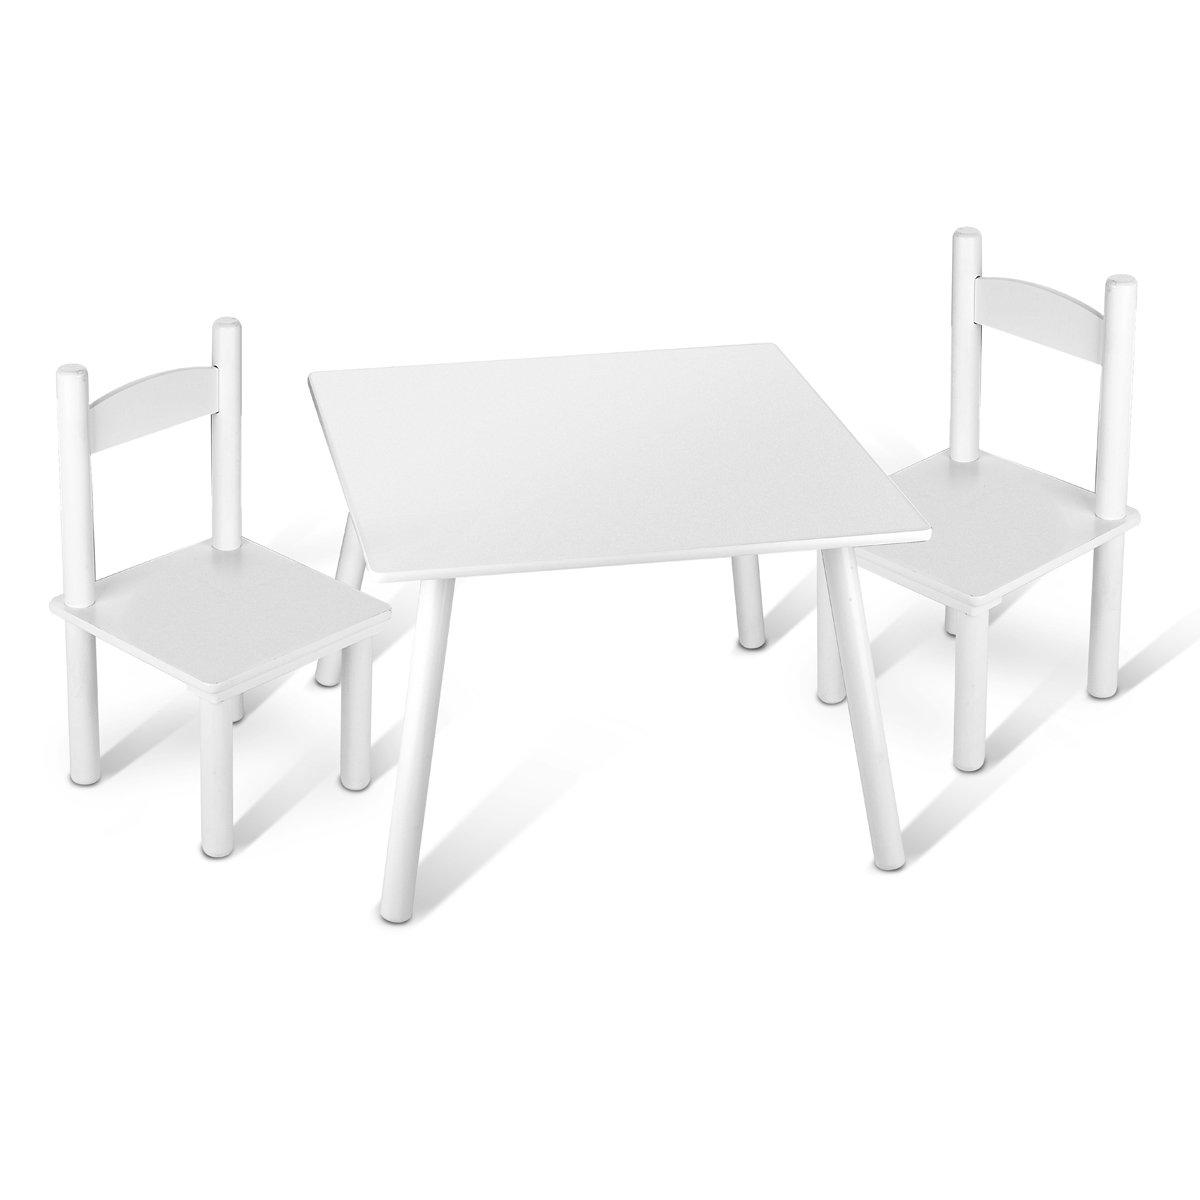 Tavolino Set Da Cameretta Per Bambini Tavolo e 2 Sedie In Legno Stanza Dei Bambini Mobili Alta Qualità Stabile Bianco product image